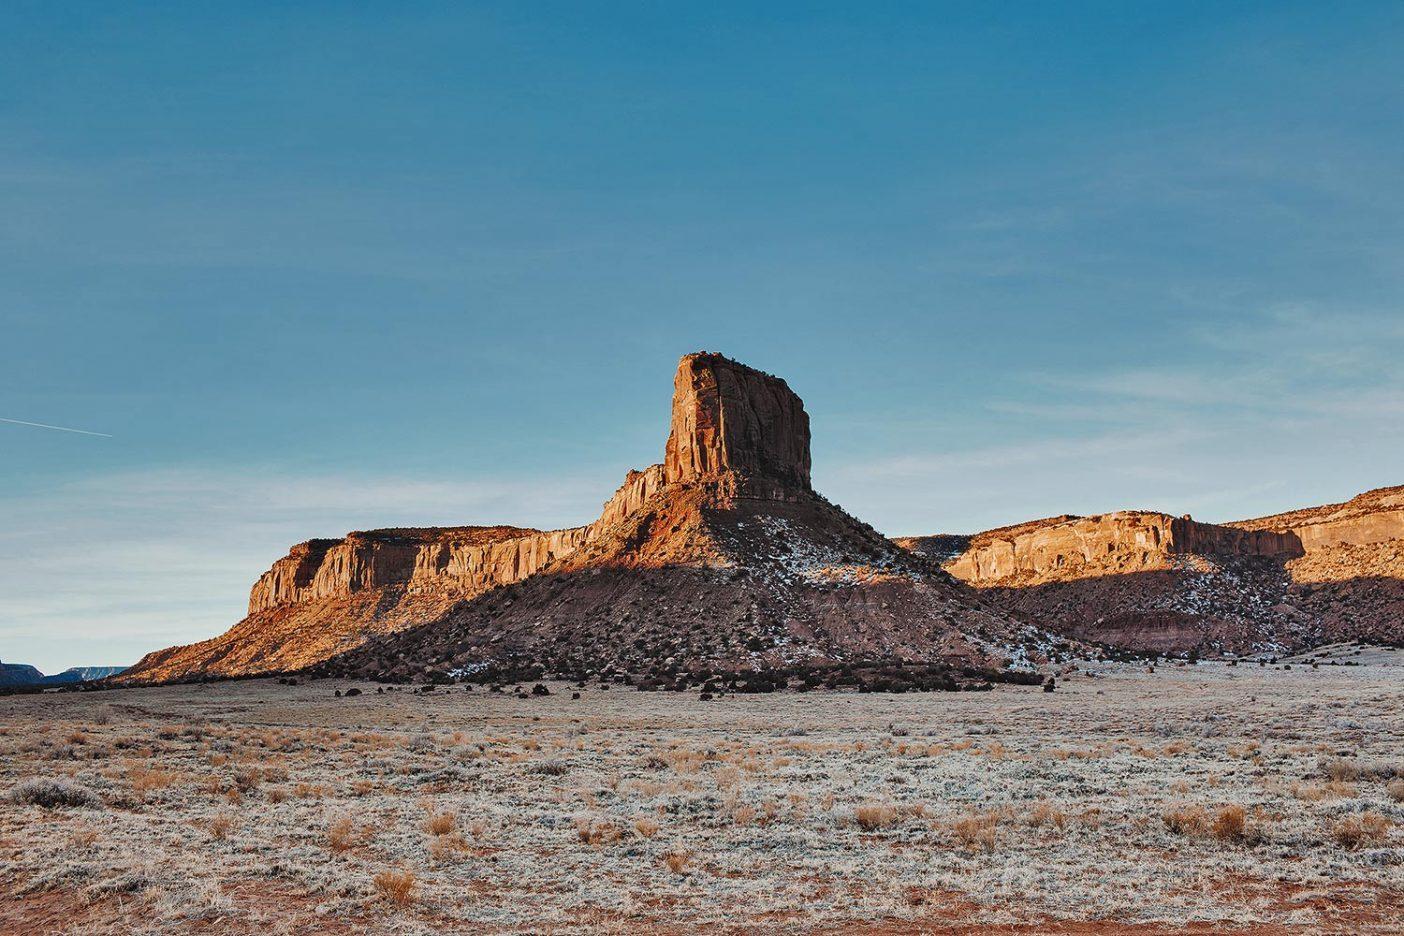 エスカランテにある巨大な岩の1つ。地面にはまだ霜が。Photo: Johnie Gall